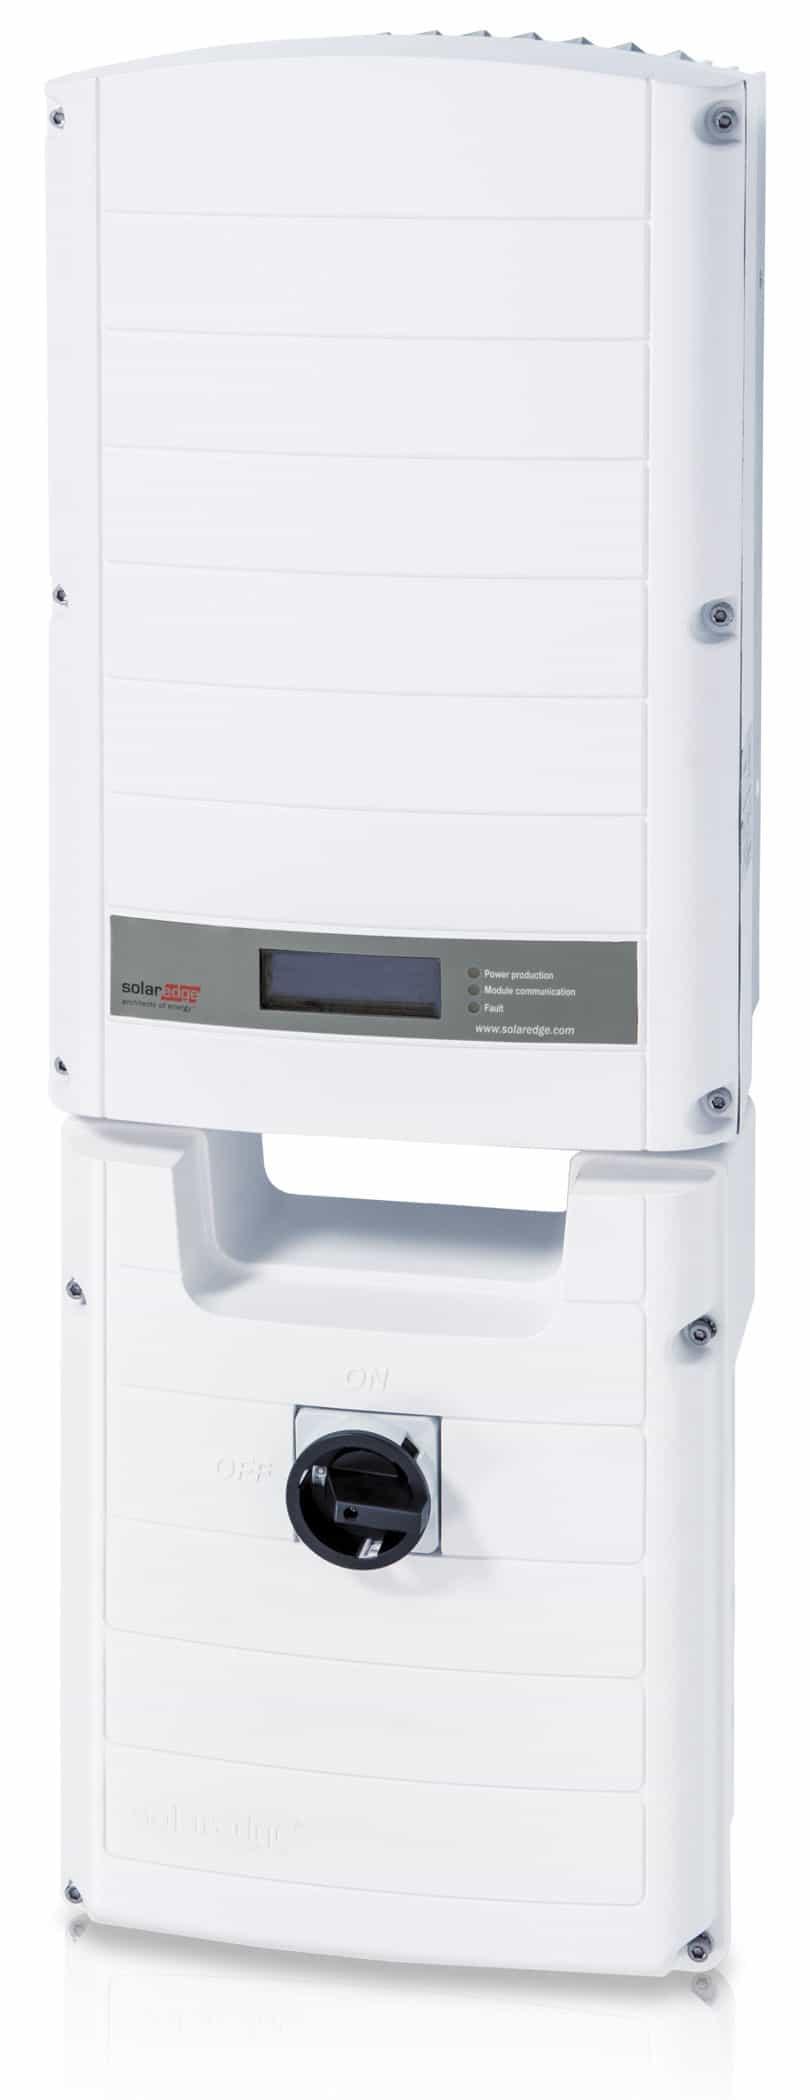 SolarEdge SE3800A 3.8KW StorEdge(TM) High Power Inverter